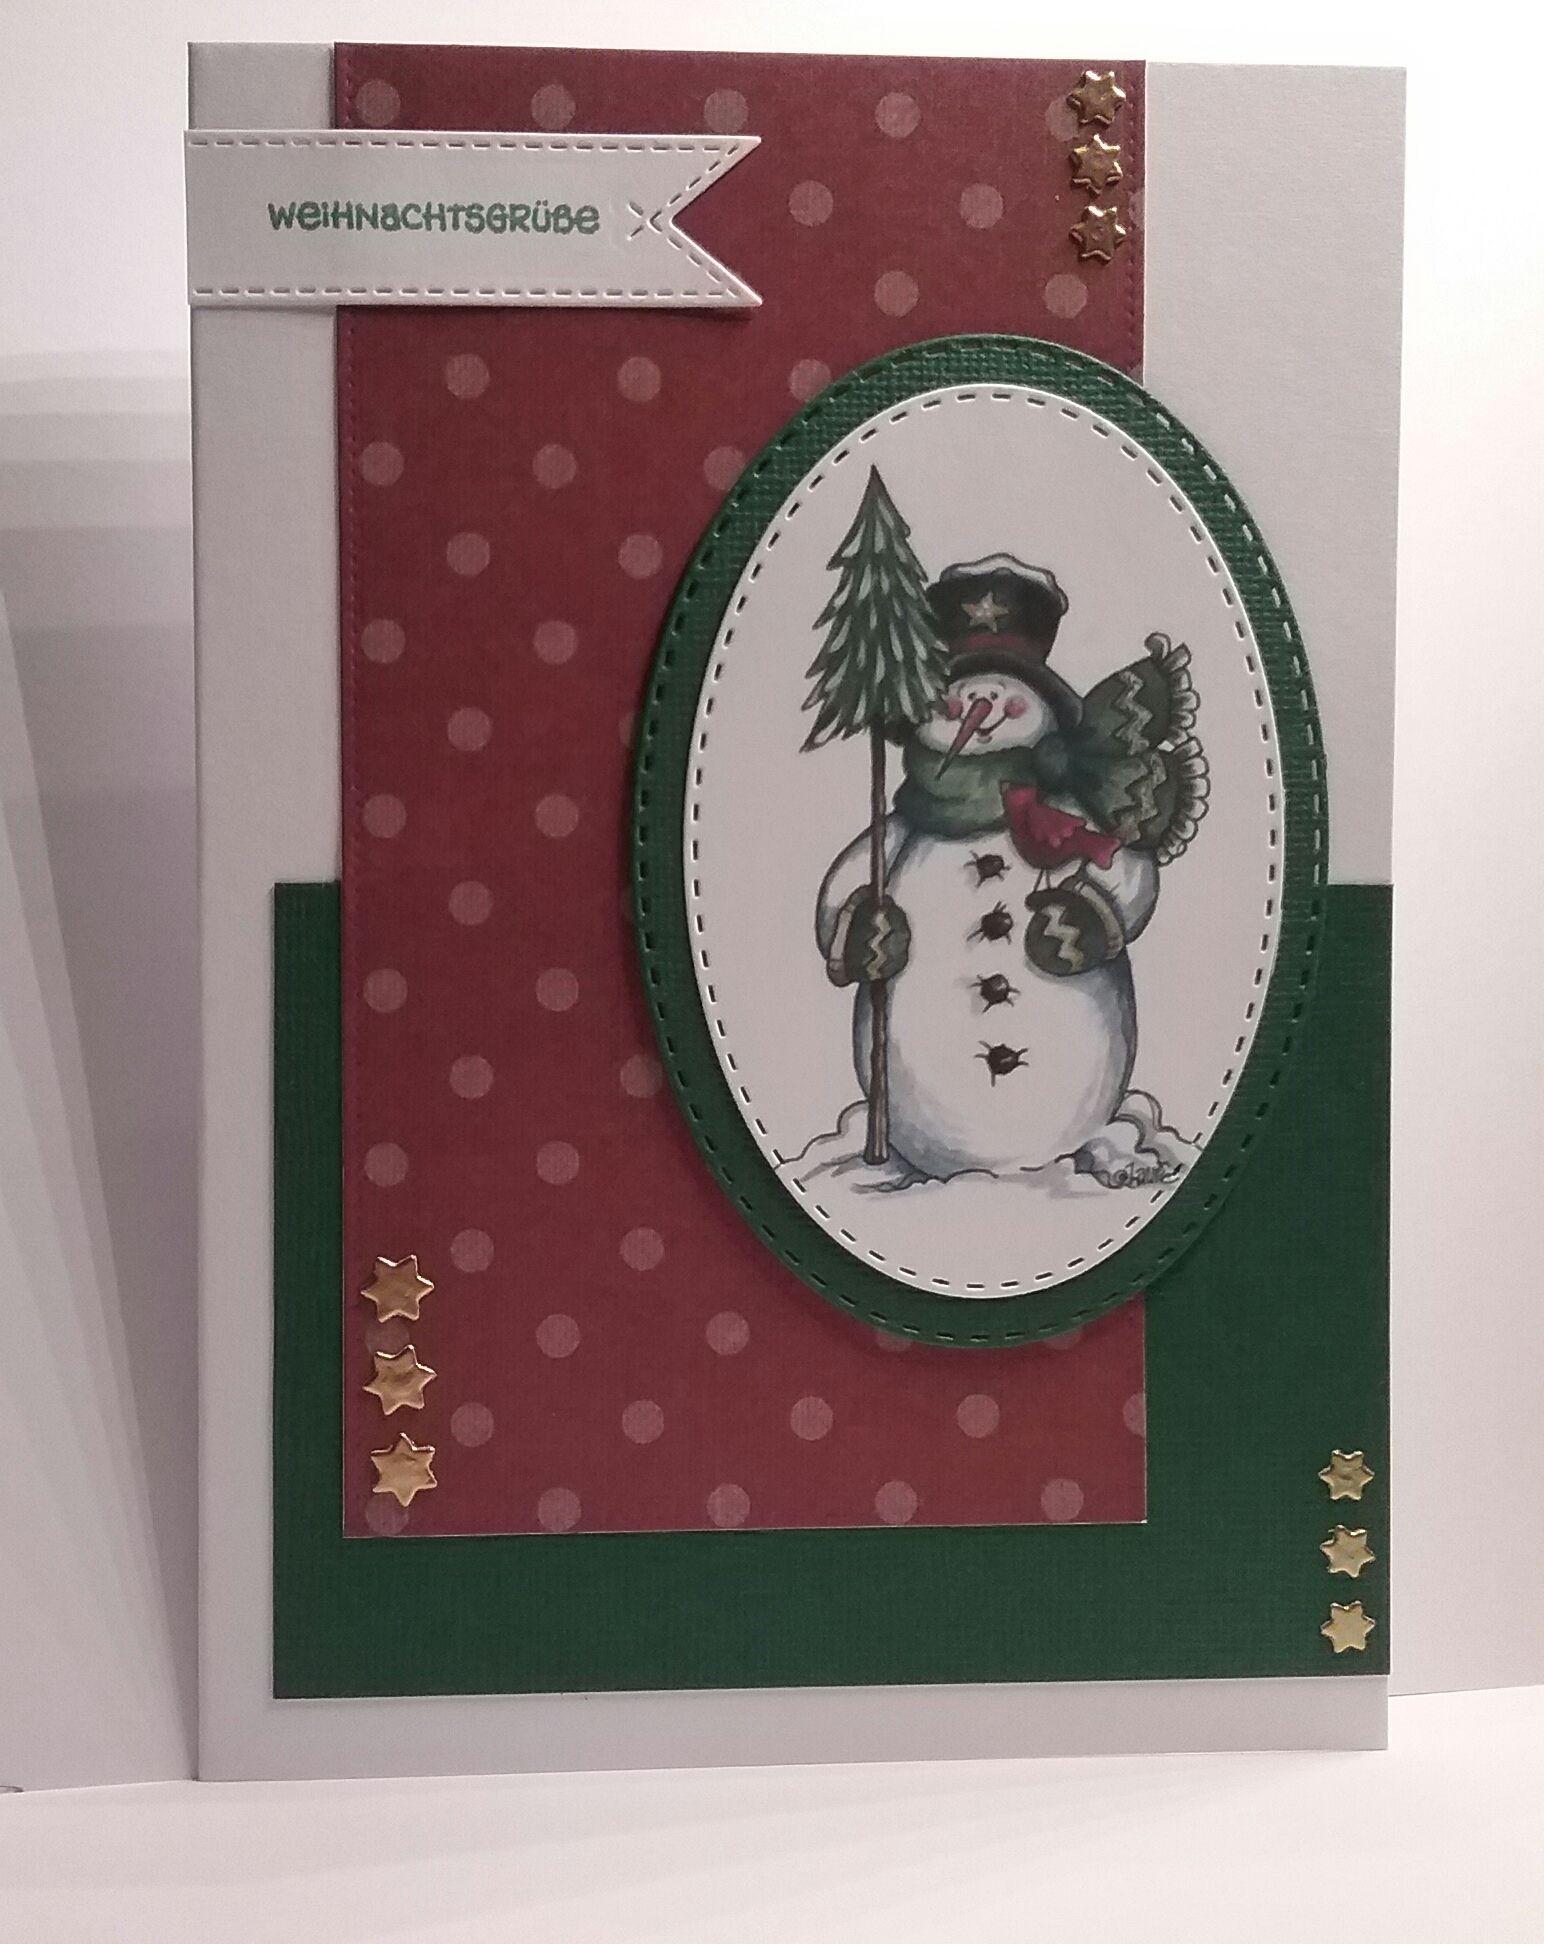 Niedliche Schneemann Weihnachtskarte in rot und grün. Image von Laurie Furnell. Stanze oval mit Stich von Gummiapan, Stanze Sterne von Marianne Design CrafTables, Stanze Banner mit Stich von Marianne Design CollecTables.